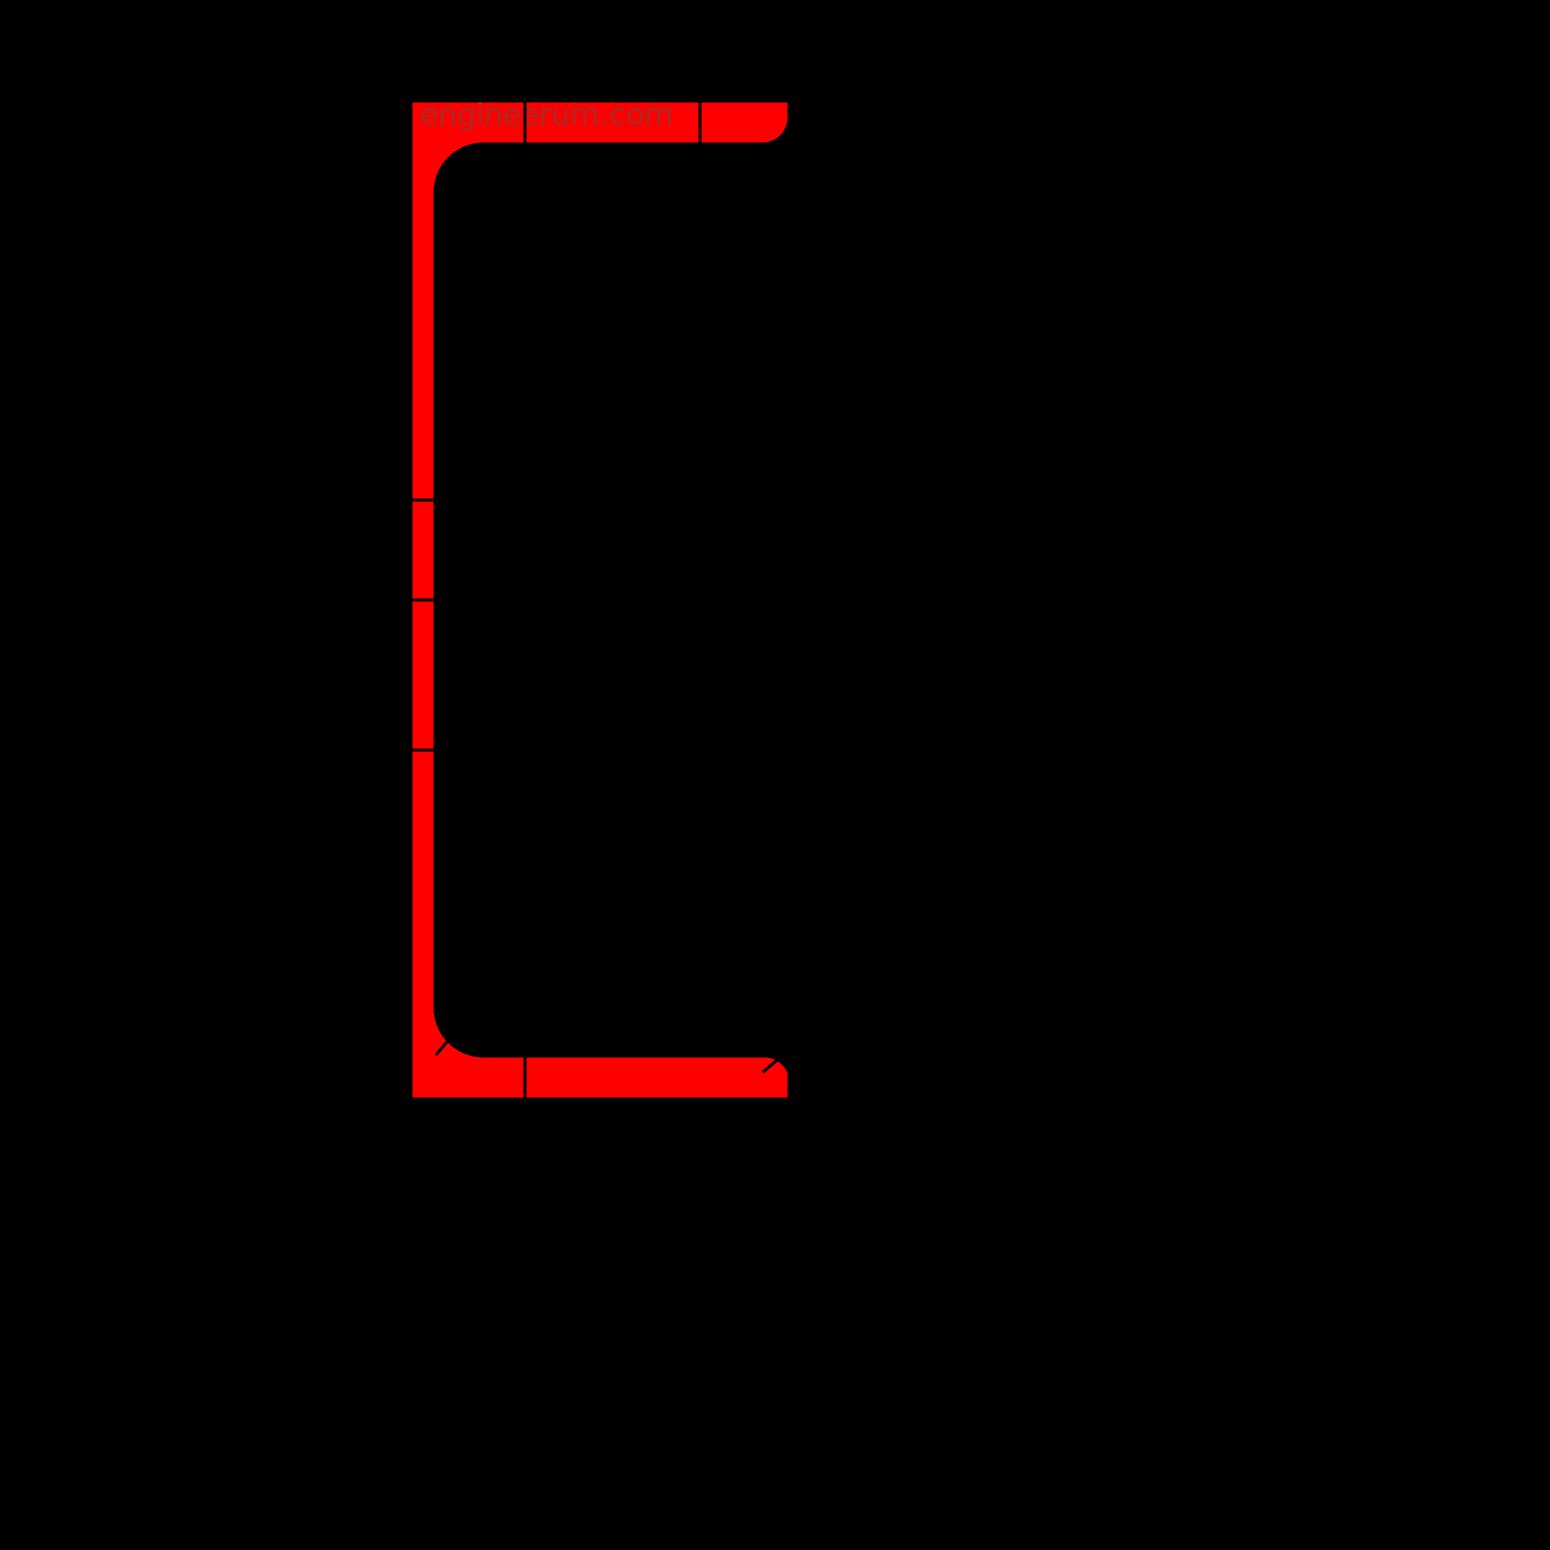 Швеллер как разновидность металлопроката